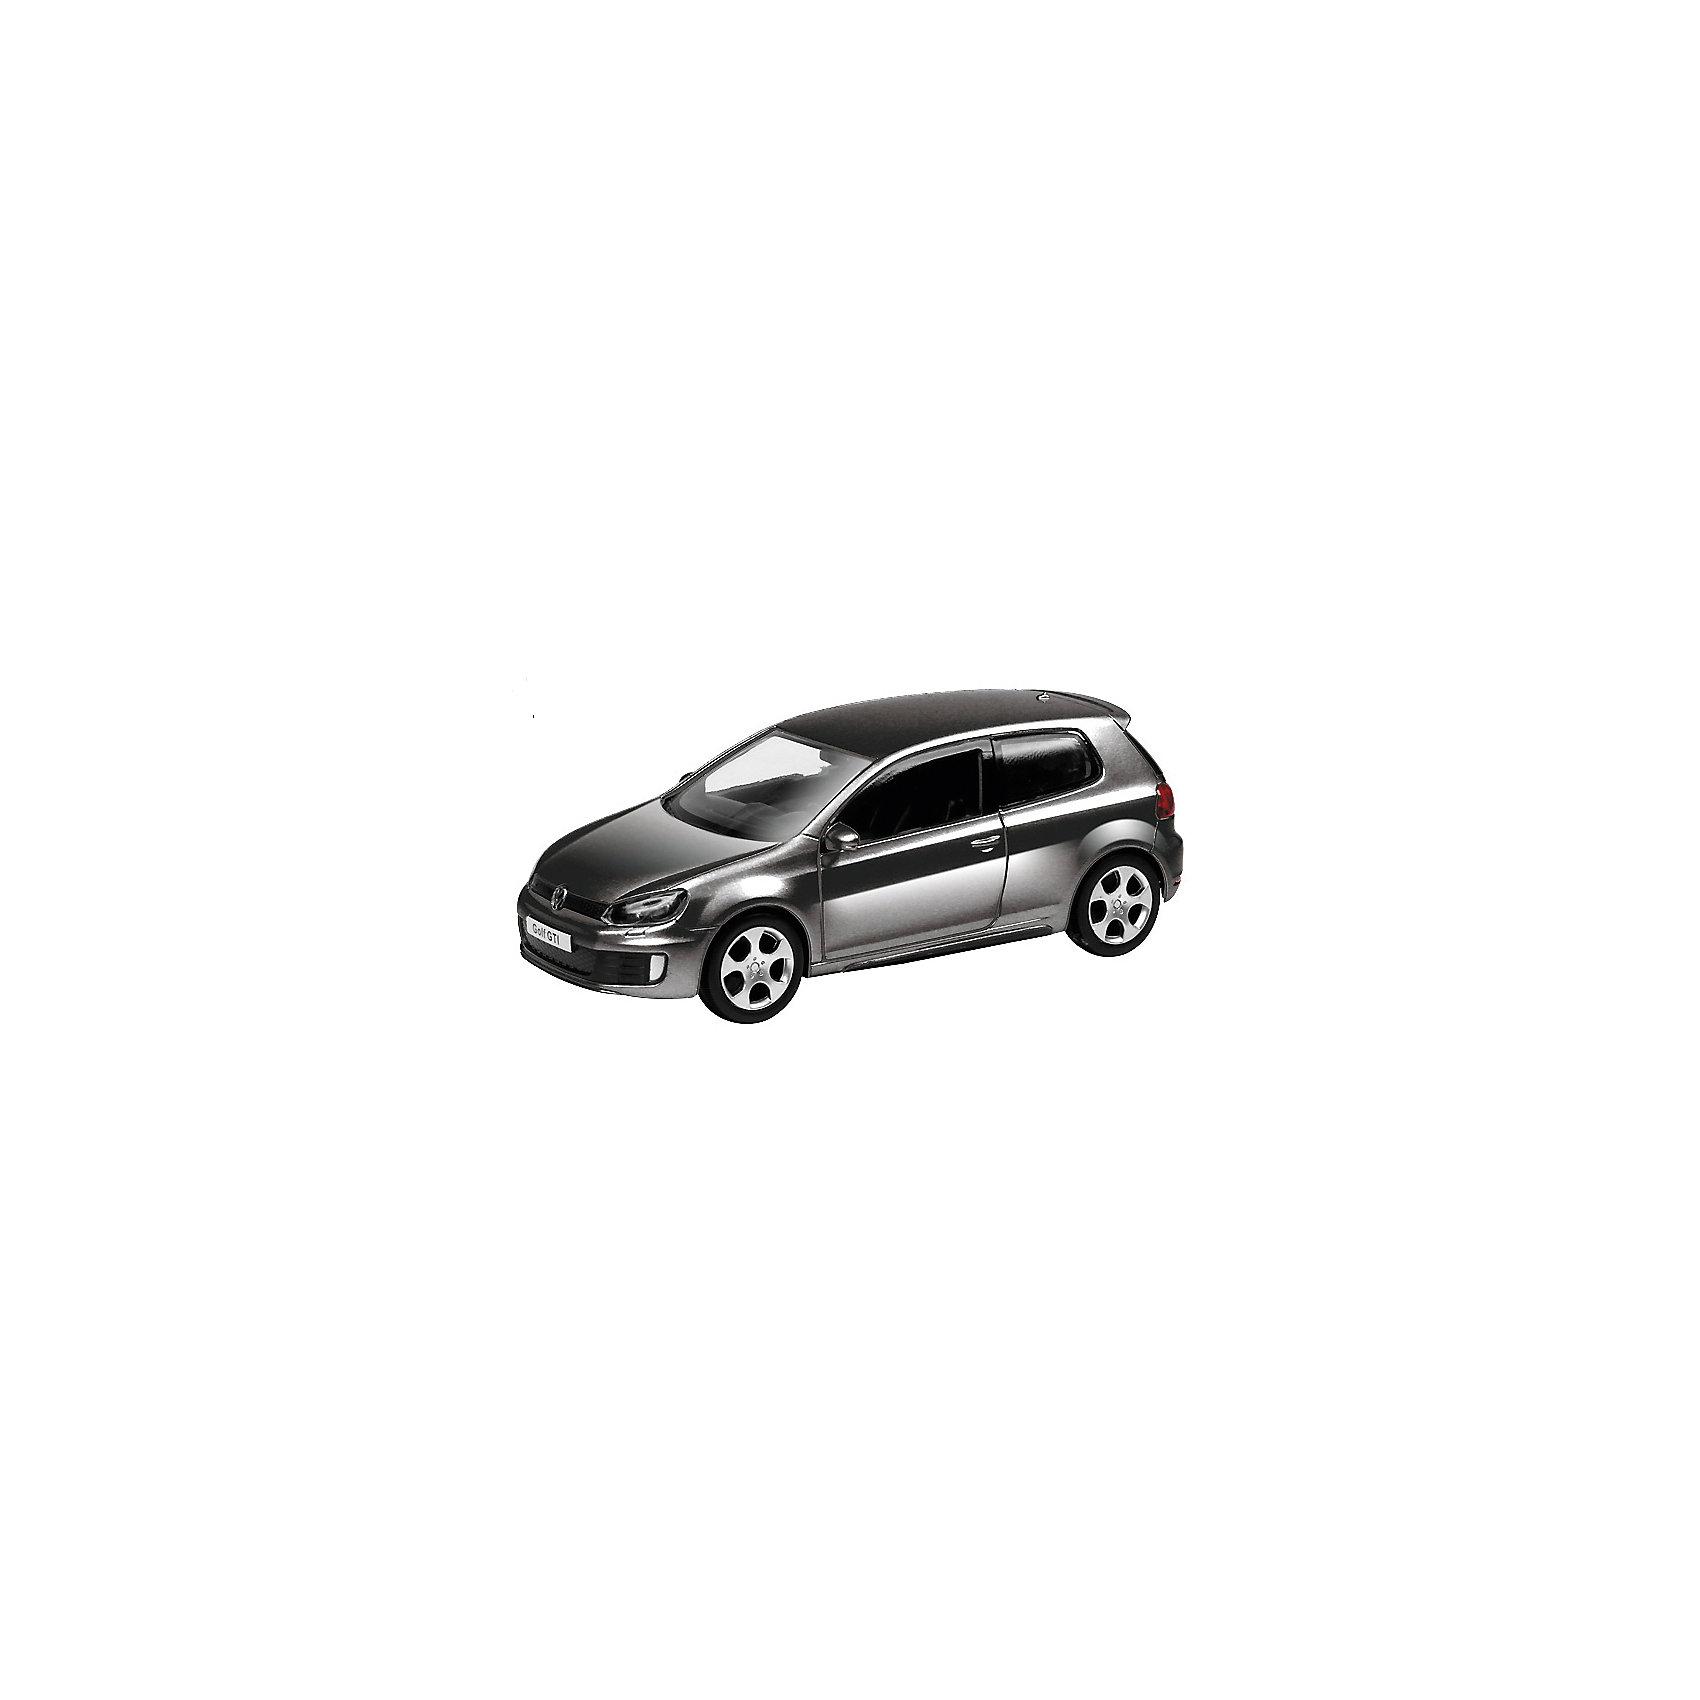 Машинка Volkswagen Golf GTI 4, AutotimeМашинки<br>Характеристики товара:<br><br>• цвет: в ассортименте<br>• возраст: от 3 лет<br>• материал: металл, пластик<br>• масштаб: 1:43<br>• крутятся колеса<br>• размер упаковки: 16х6х7 см<br>• вес с упаковкой: 100 г<br>• страна бренда: Россия, Китай<br>• страна изготовитель: Китай<br><br>Эта коллекционная модель машинки отличается высокой детализацией. Окна - прозрачные, поэтому через них можно увидеть салон.<br><br>Машинка произведена из прочного и безопасного материала. <br><br>Машинку «Volkswagen Golf GTI 4», Autotime (Автотайм) можно купить в нашем интернет-магазине.<br><br>Ширина мм: 165<br>Глубина мм: 57<br>Высота мм: 75<br>Вес г: 13<br>Возраст от месяцев: 36<br>Возраст до месяцев: 2147483647<br>Пол: Мужской<br>Возраст: Детский<br>SKU: 5584095